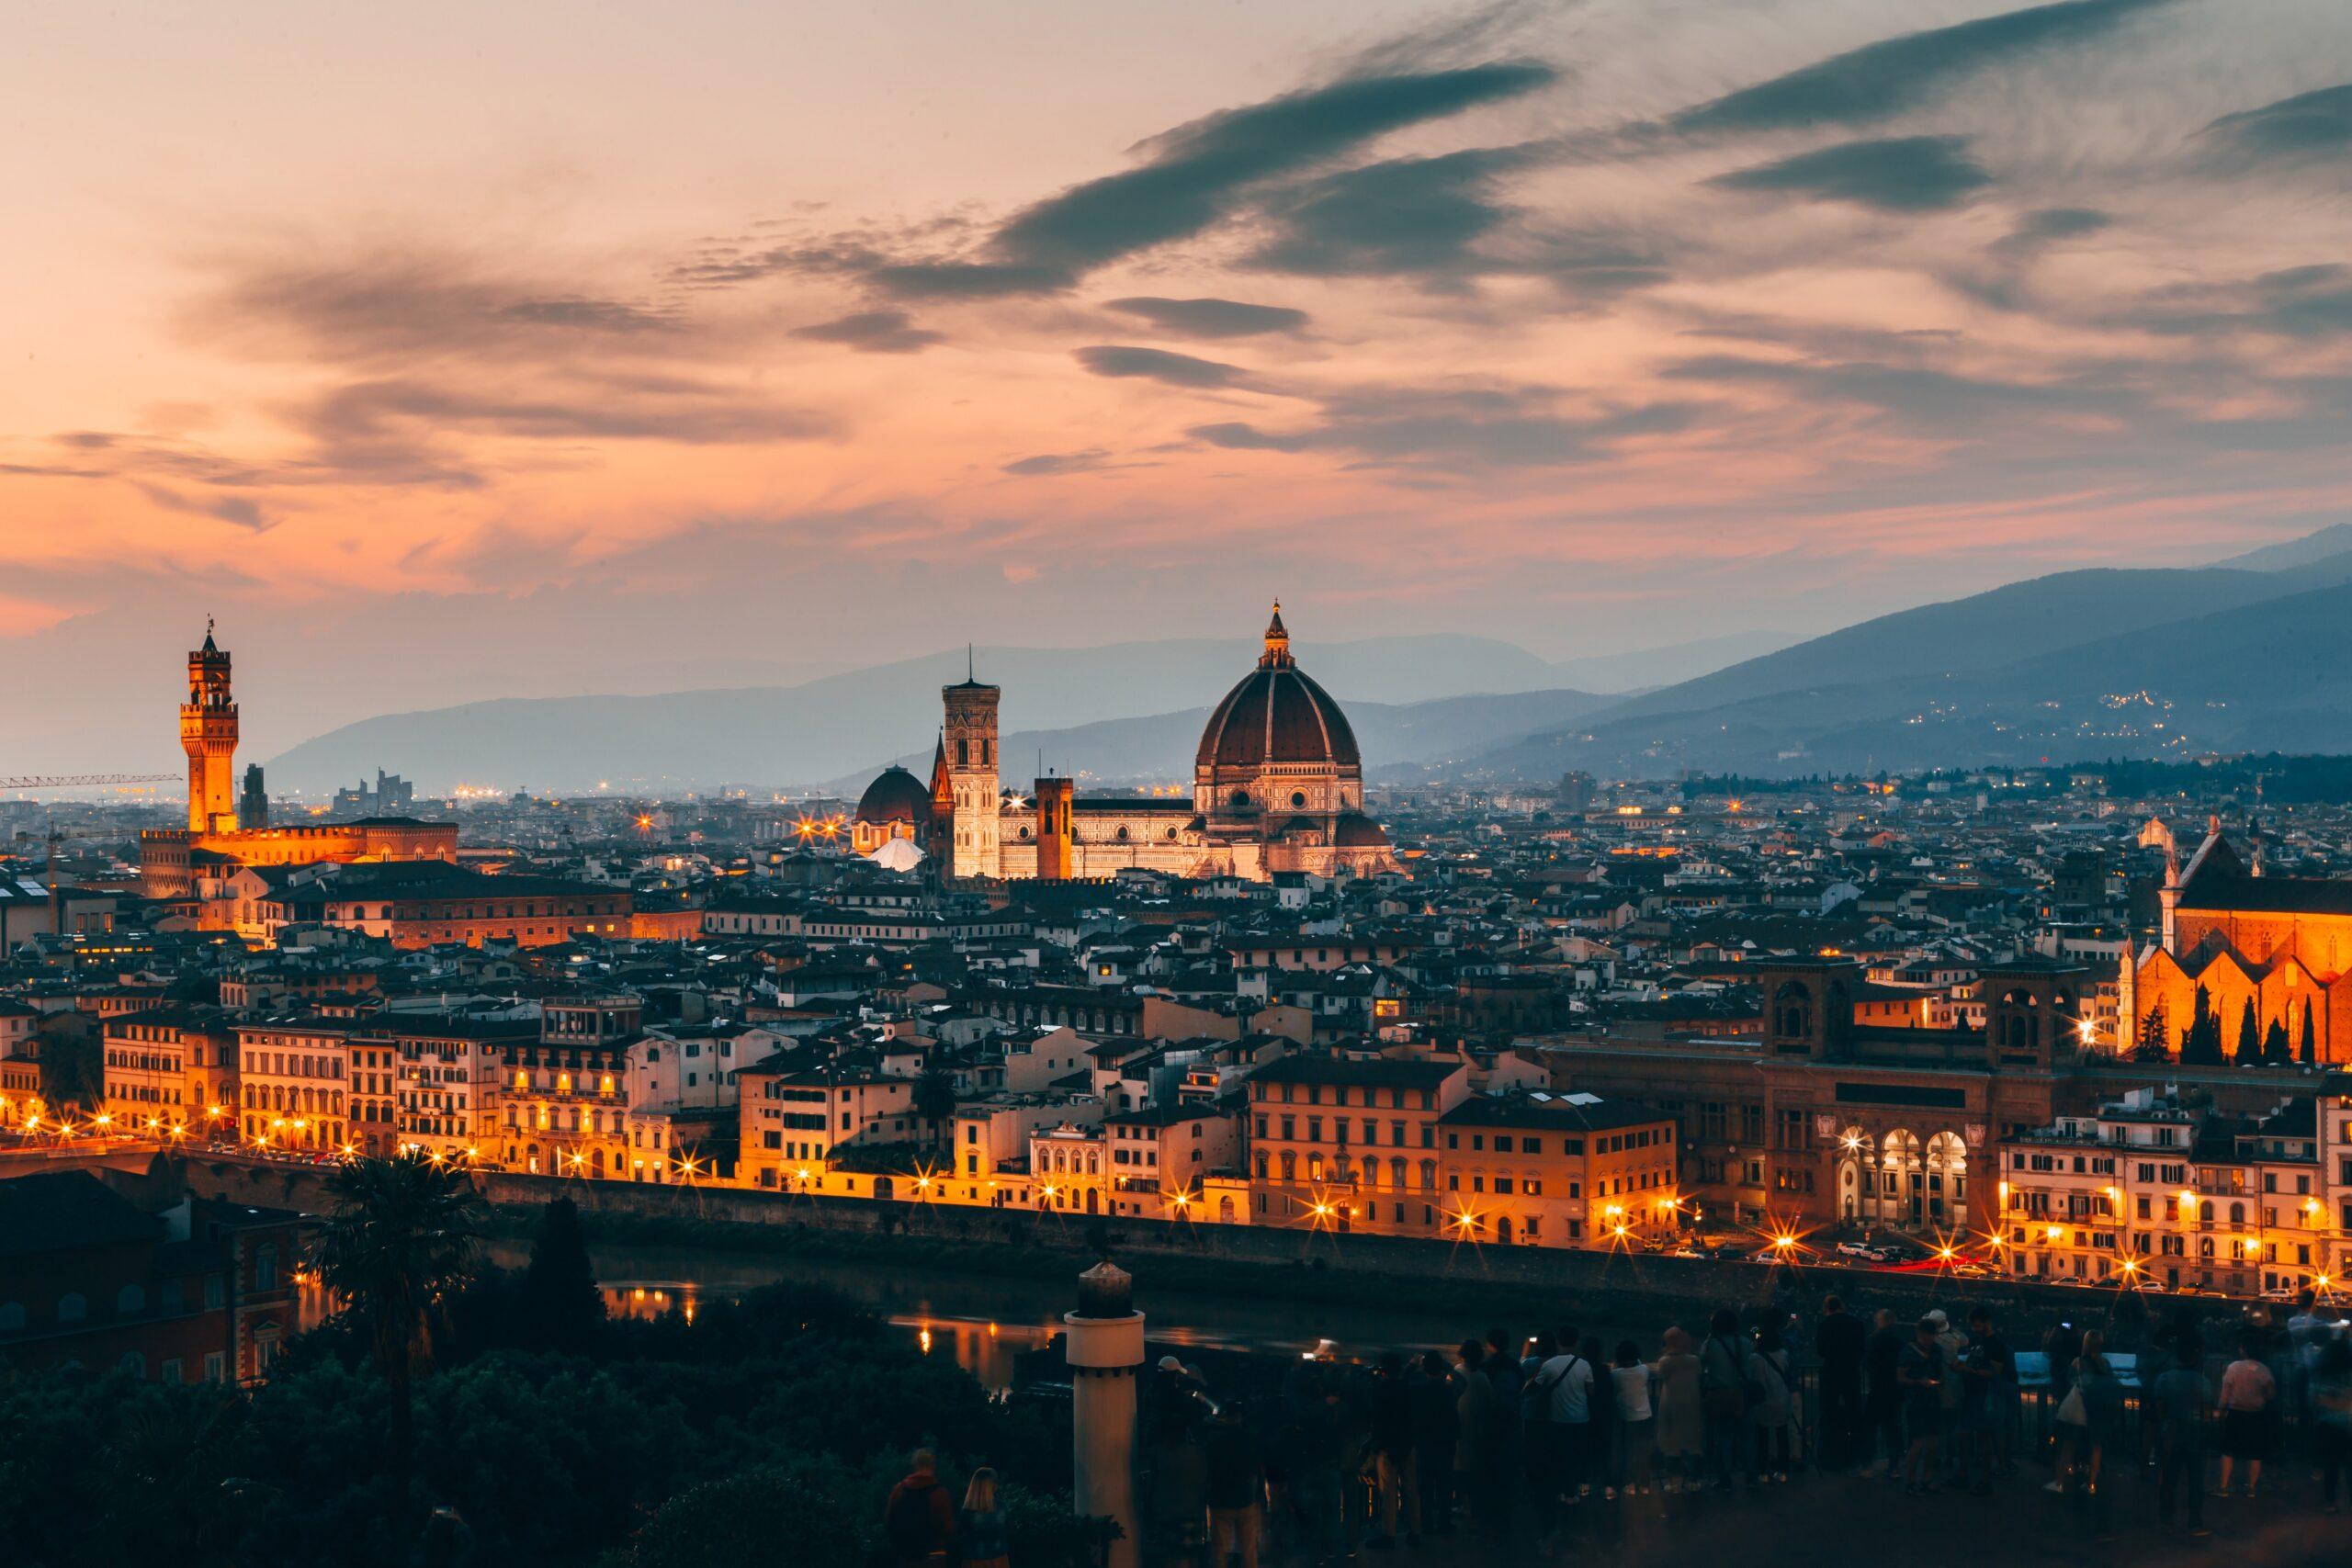 Que ver en 1 dia en Florencia